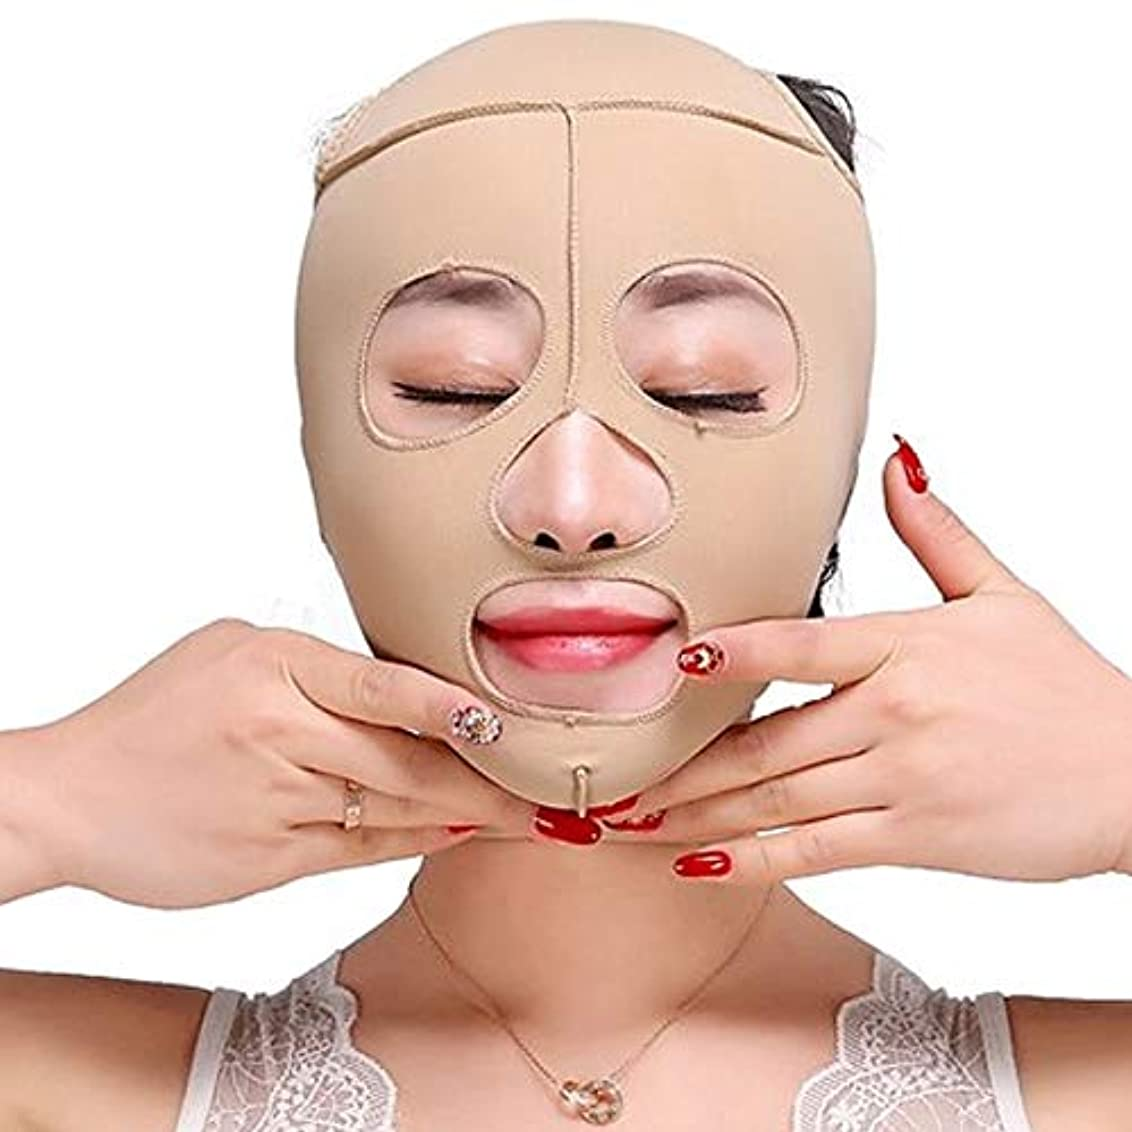 誓約ペイン地下鉄Minmin フェイスリフティングアーティファクト睡眠薄い顔顔の顔薄い顔V顔マスク二重あご薄い顔包帯肌色 みんみんVラインフェイスマスク (Size : S)